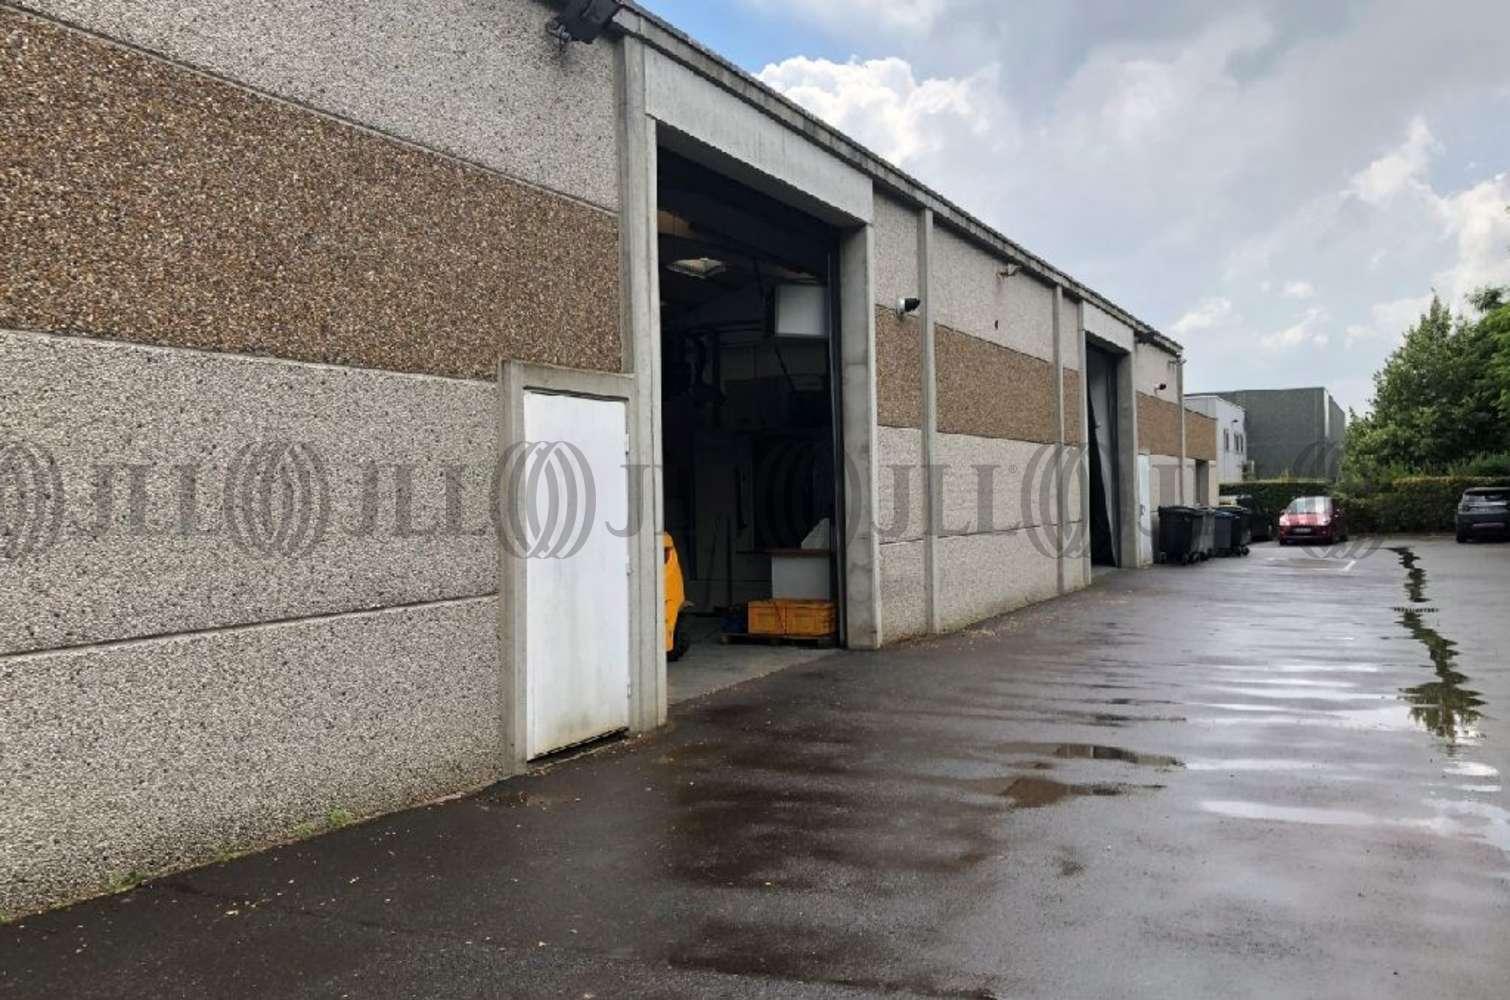 Activités/entrepôt Ennery, 95300 - 81 CHEMIN DE LA CHAPELLE SAINT ANTOINE - 9580970